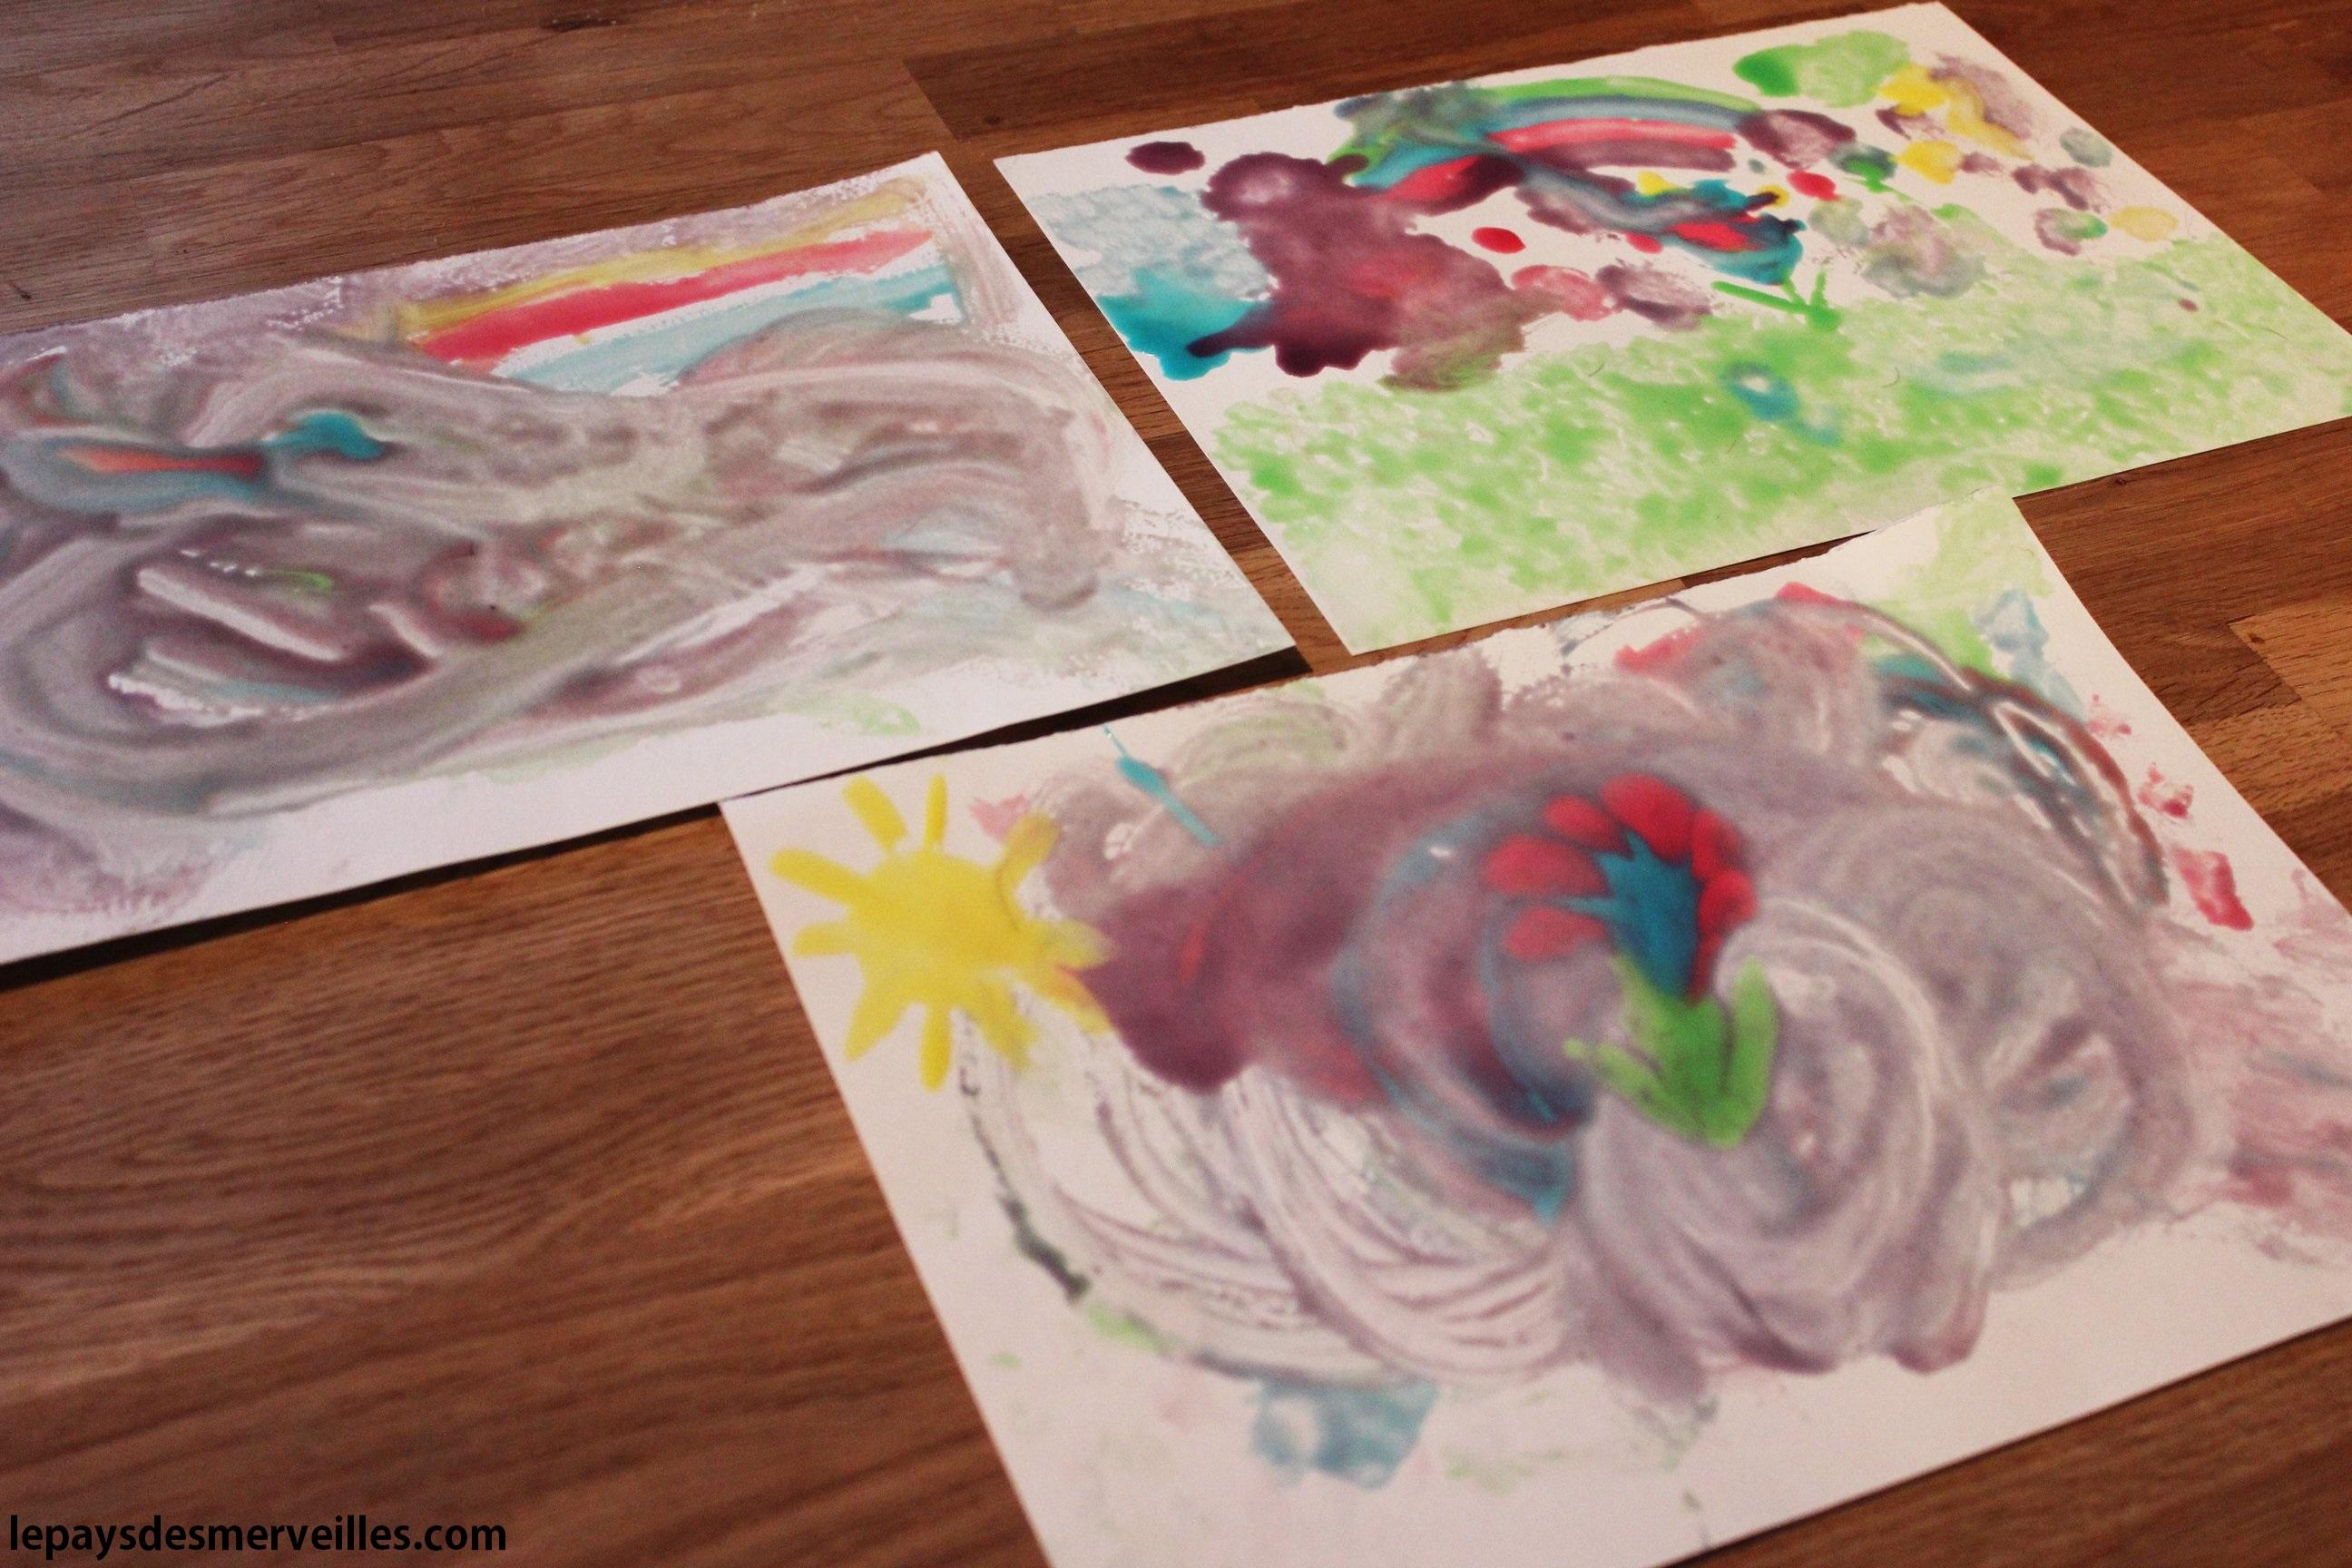 Peinture comestible sucr e pour un r sultat laqu le pays des merveilles - Peinture facile a reproduire ...